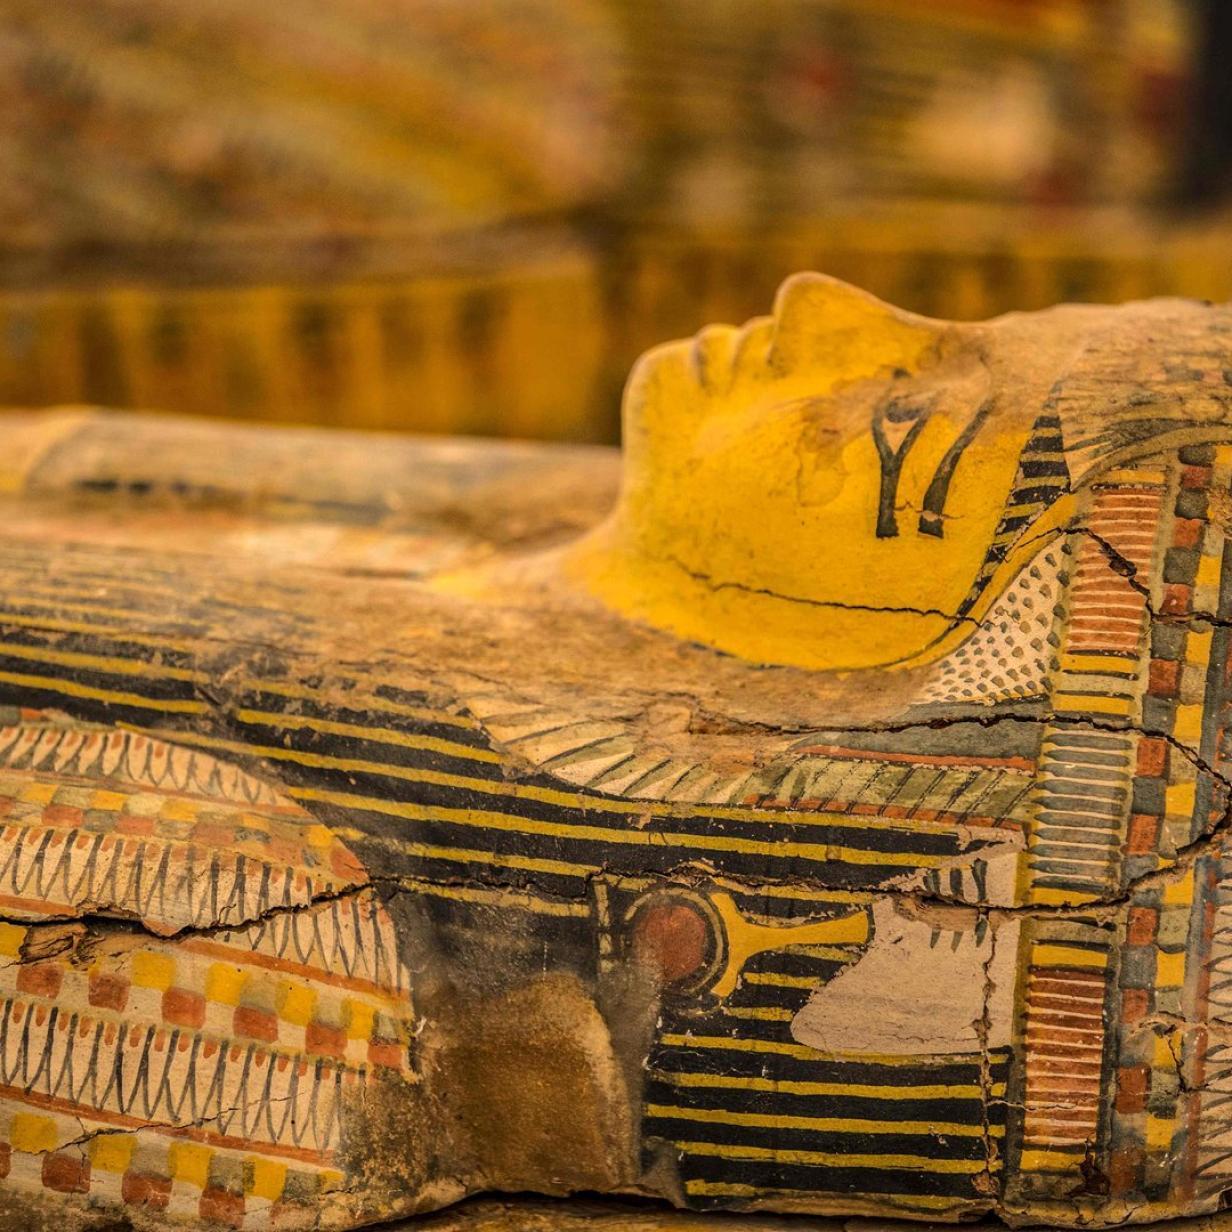 Ägypten: 30 Sarkophage in ein Meter Tiefe ausgegraben